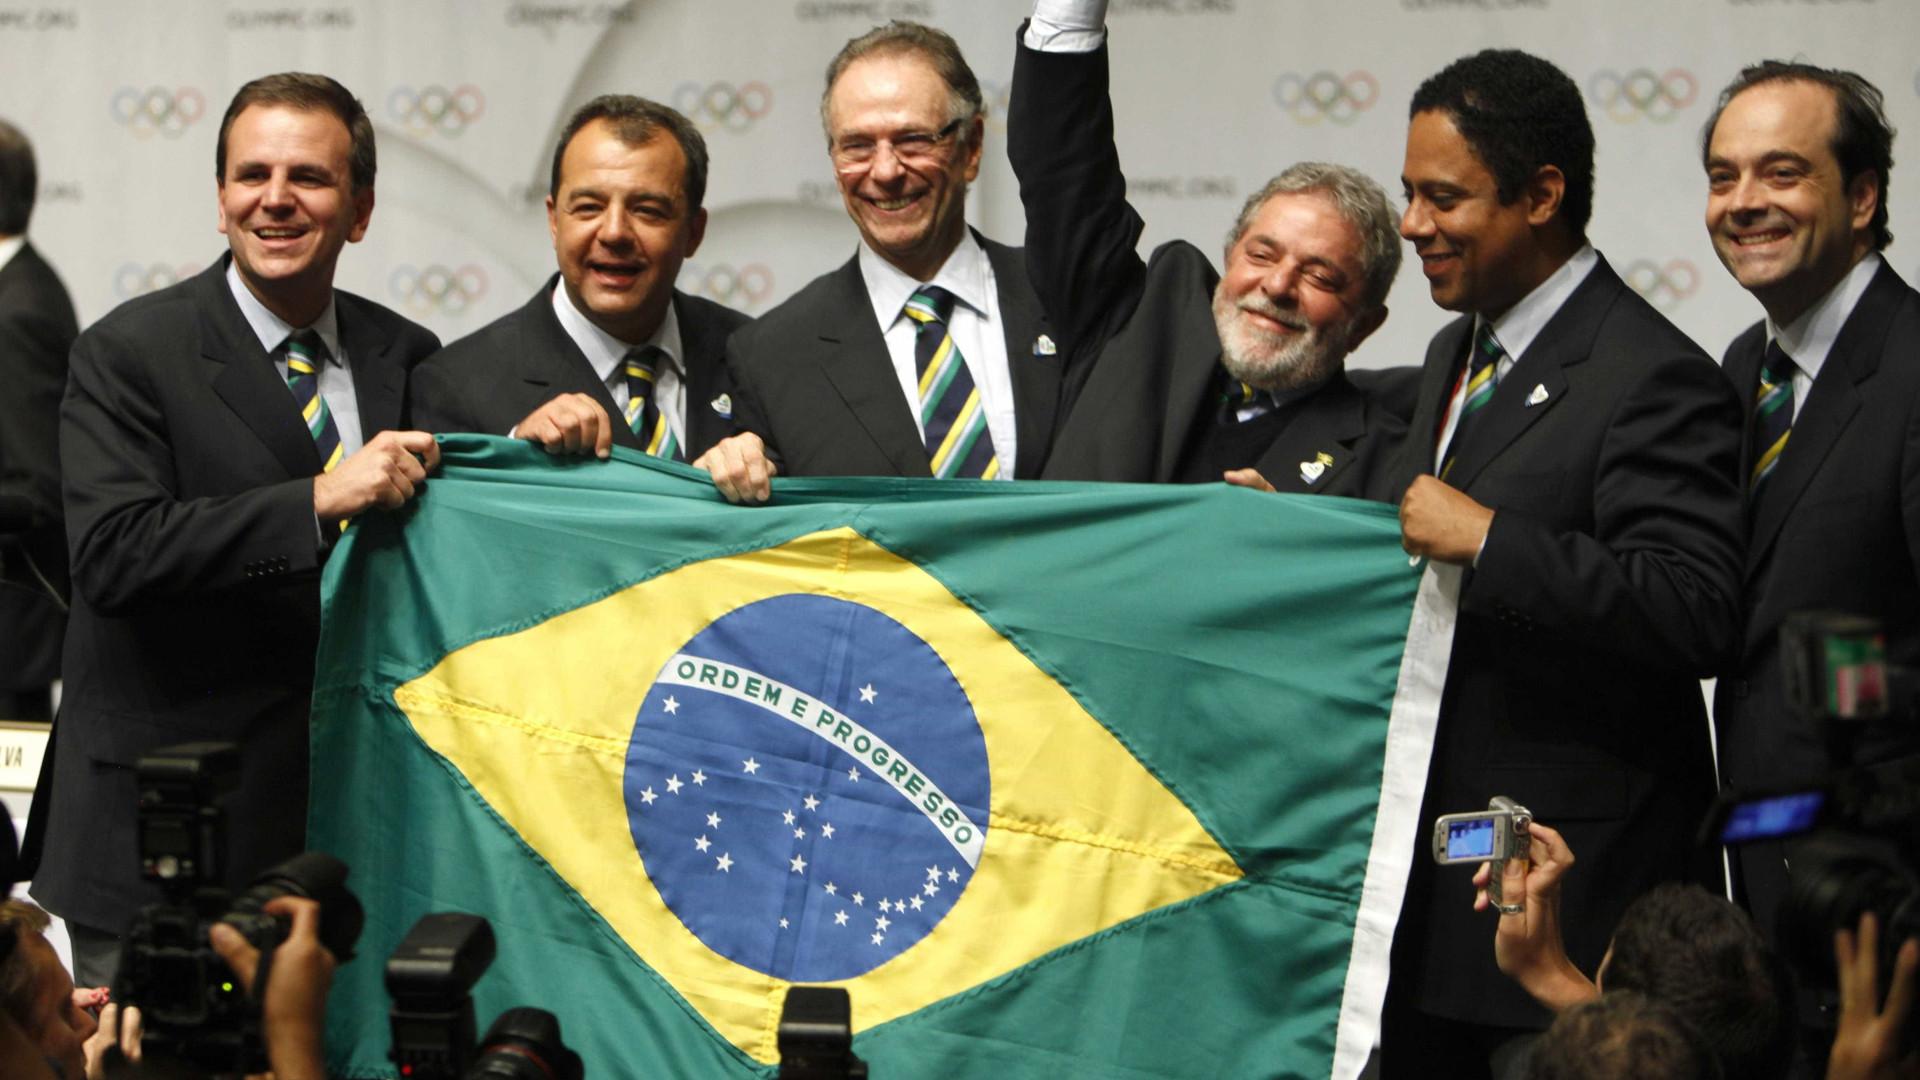 Cabral afirma que Lula e Paes sabiam de propina pela Rio-2016